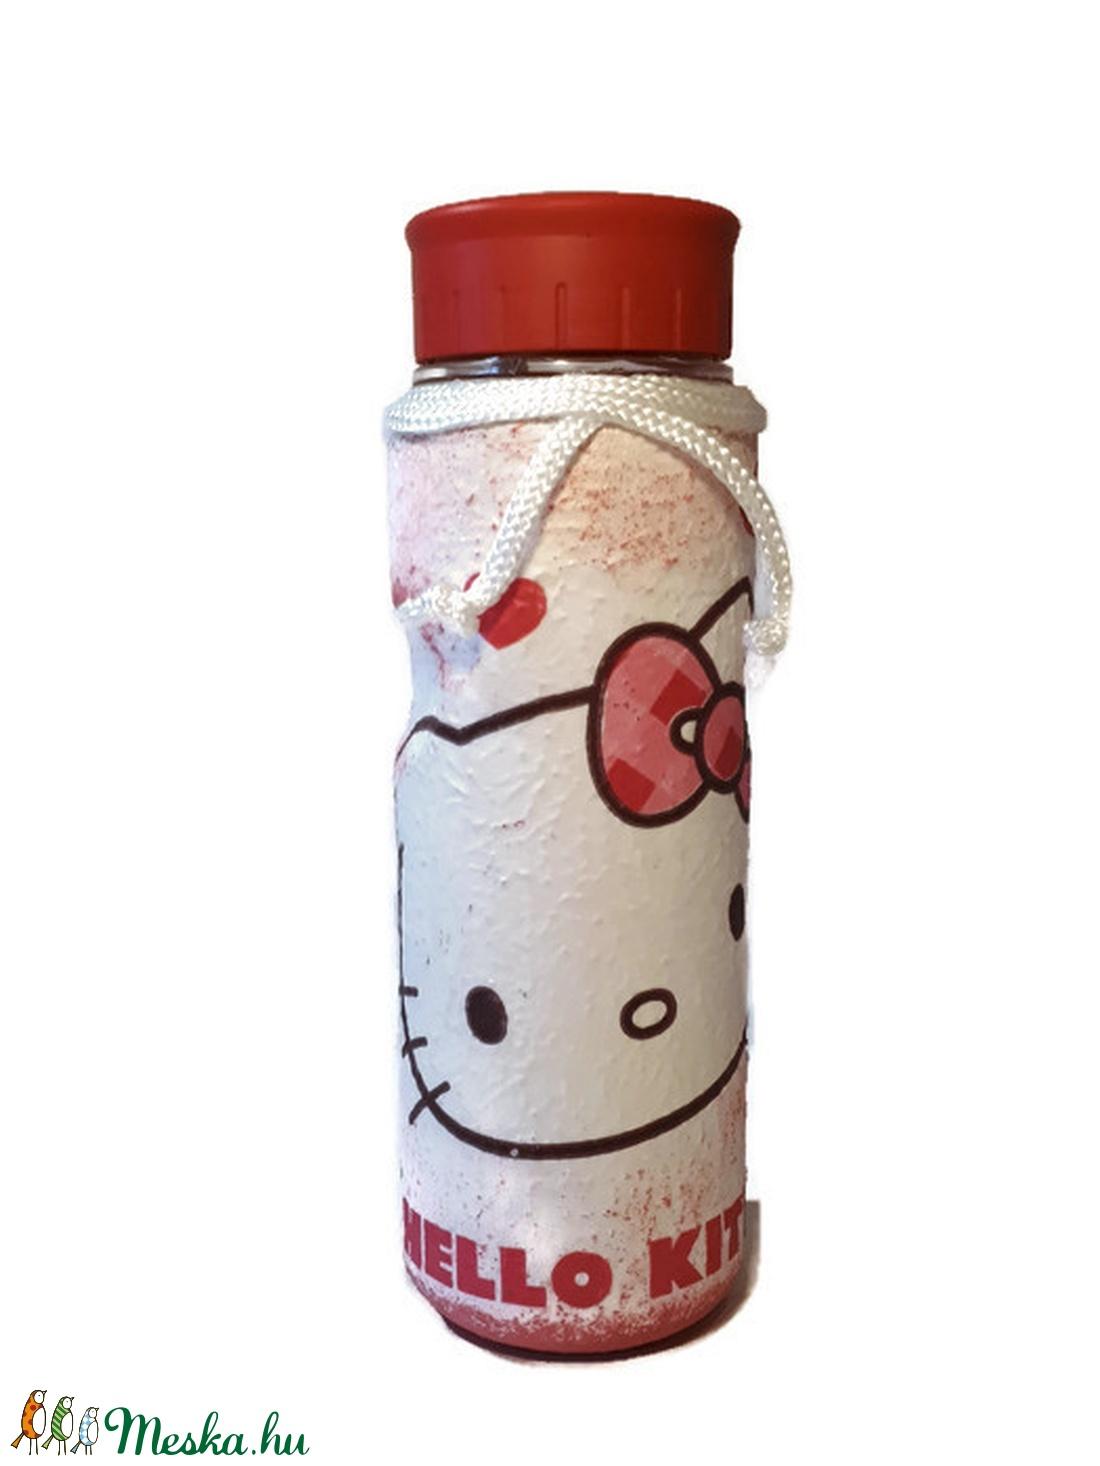 Hello kitty  kulacs, palack ajándék gyermeknapra, szülinapra, névnapra, mikulásra, karácsonyra. - Meska.hu